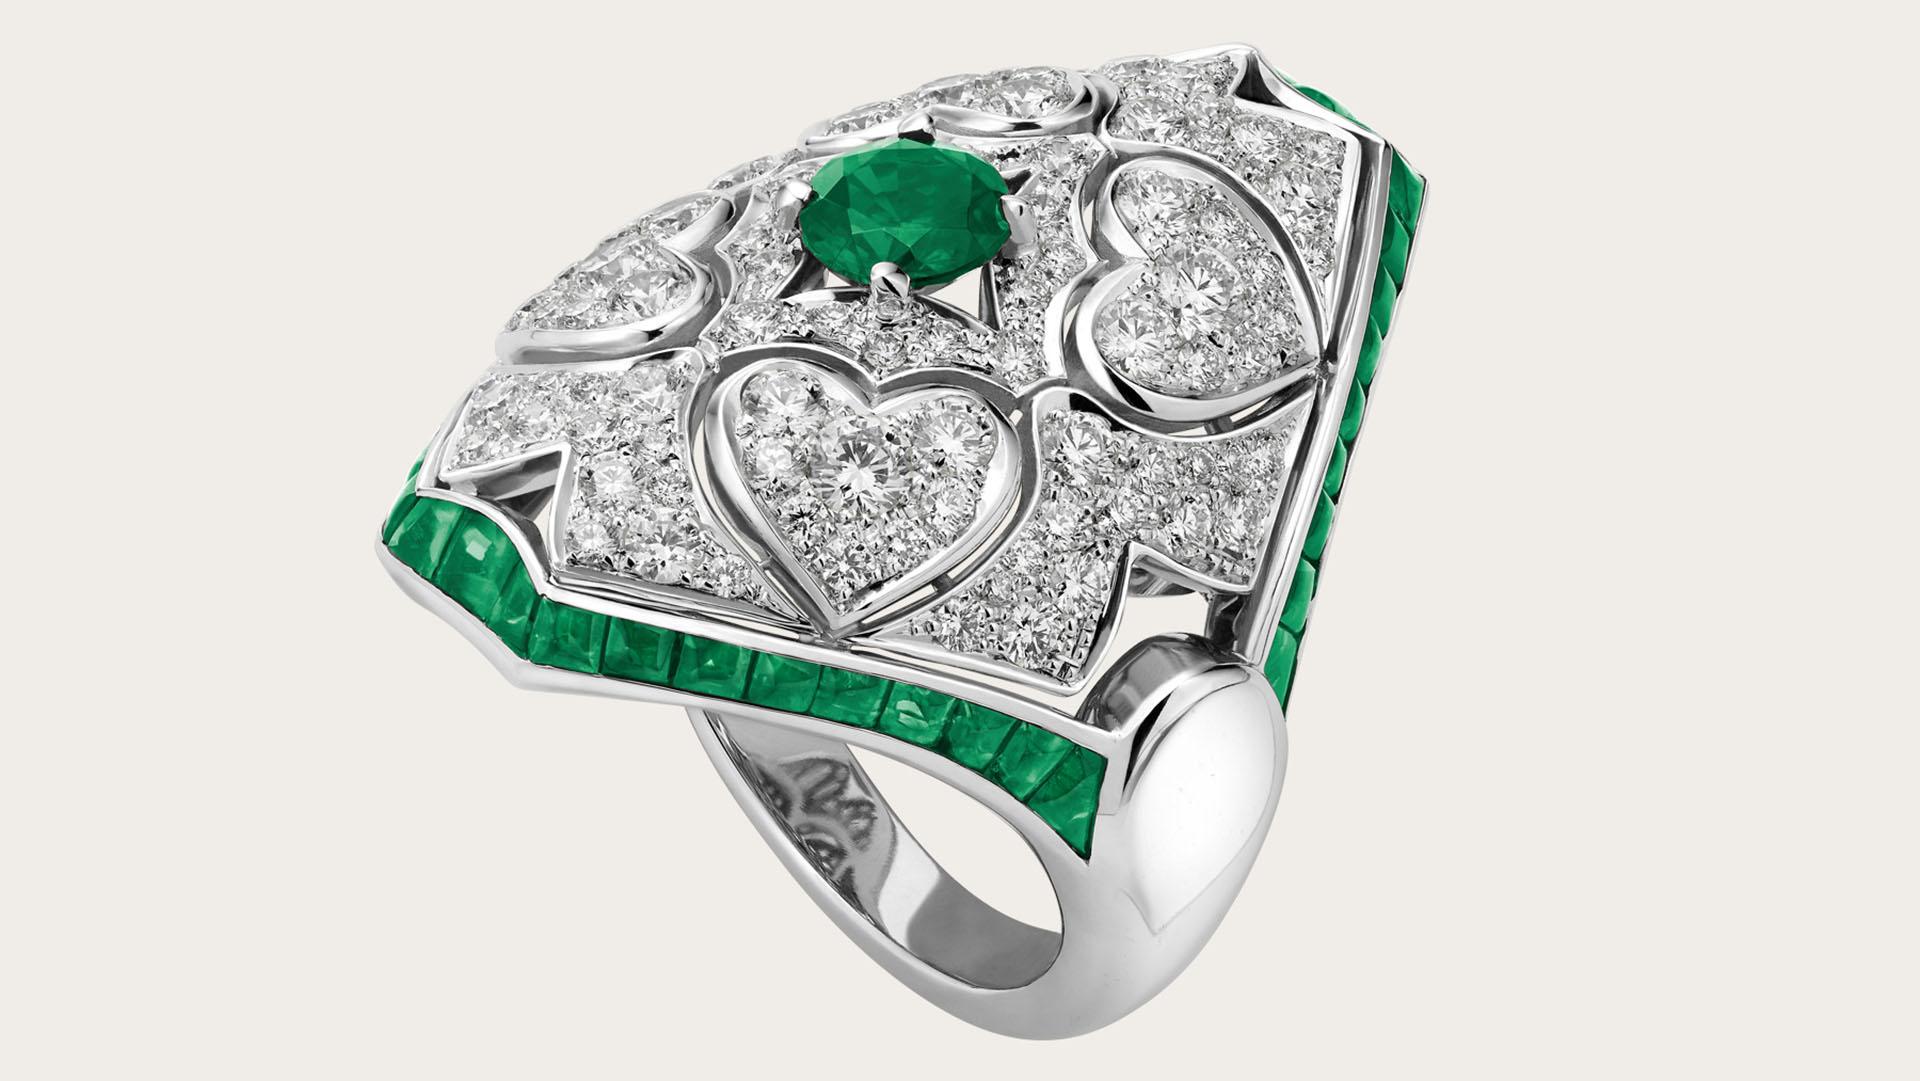 """Llamado """"Giardini Italiani"""", este anillo de Bulgari está inspirado en las fusiones geométricas en los macizos de flores italianas y el romanticismo con los diamantes en forma de corazón. Está realizado en oro blanco con una esmeralda grande y 38 esmeraldas buff top y pavé de diamantes (Bulgari)"""